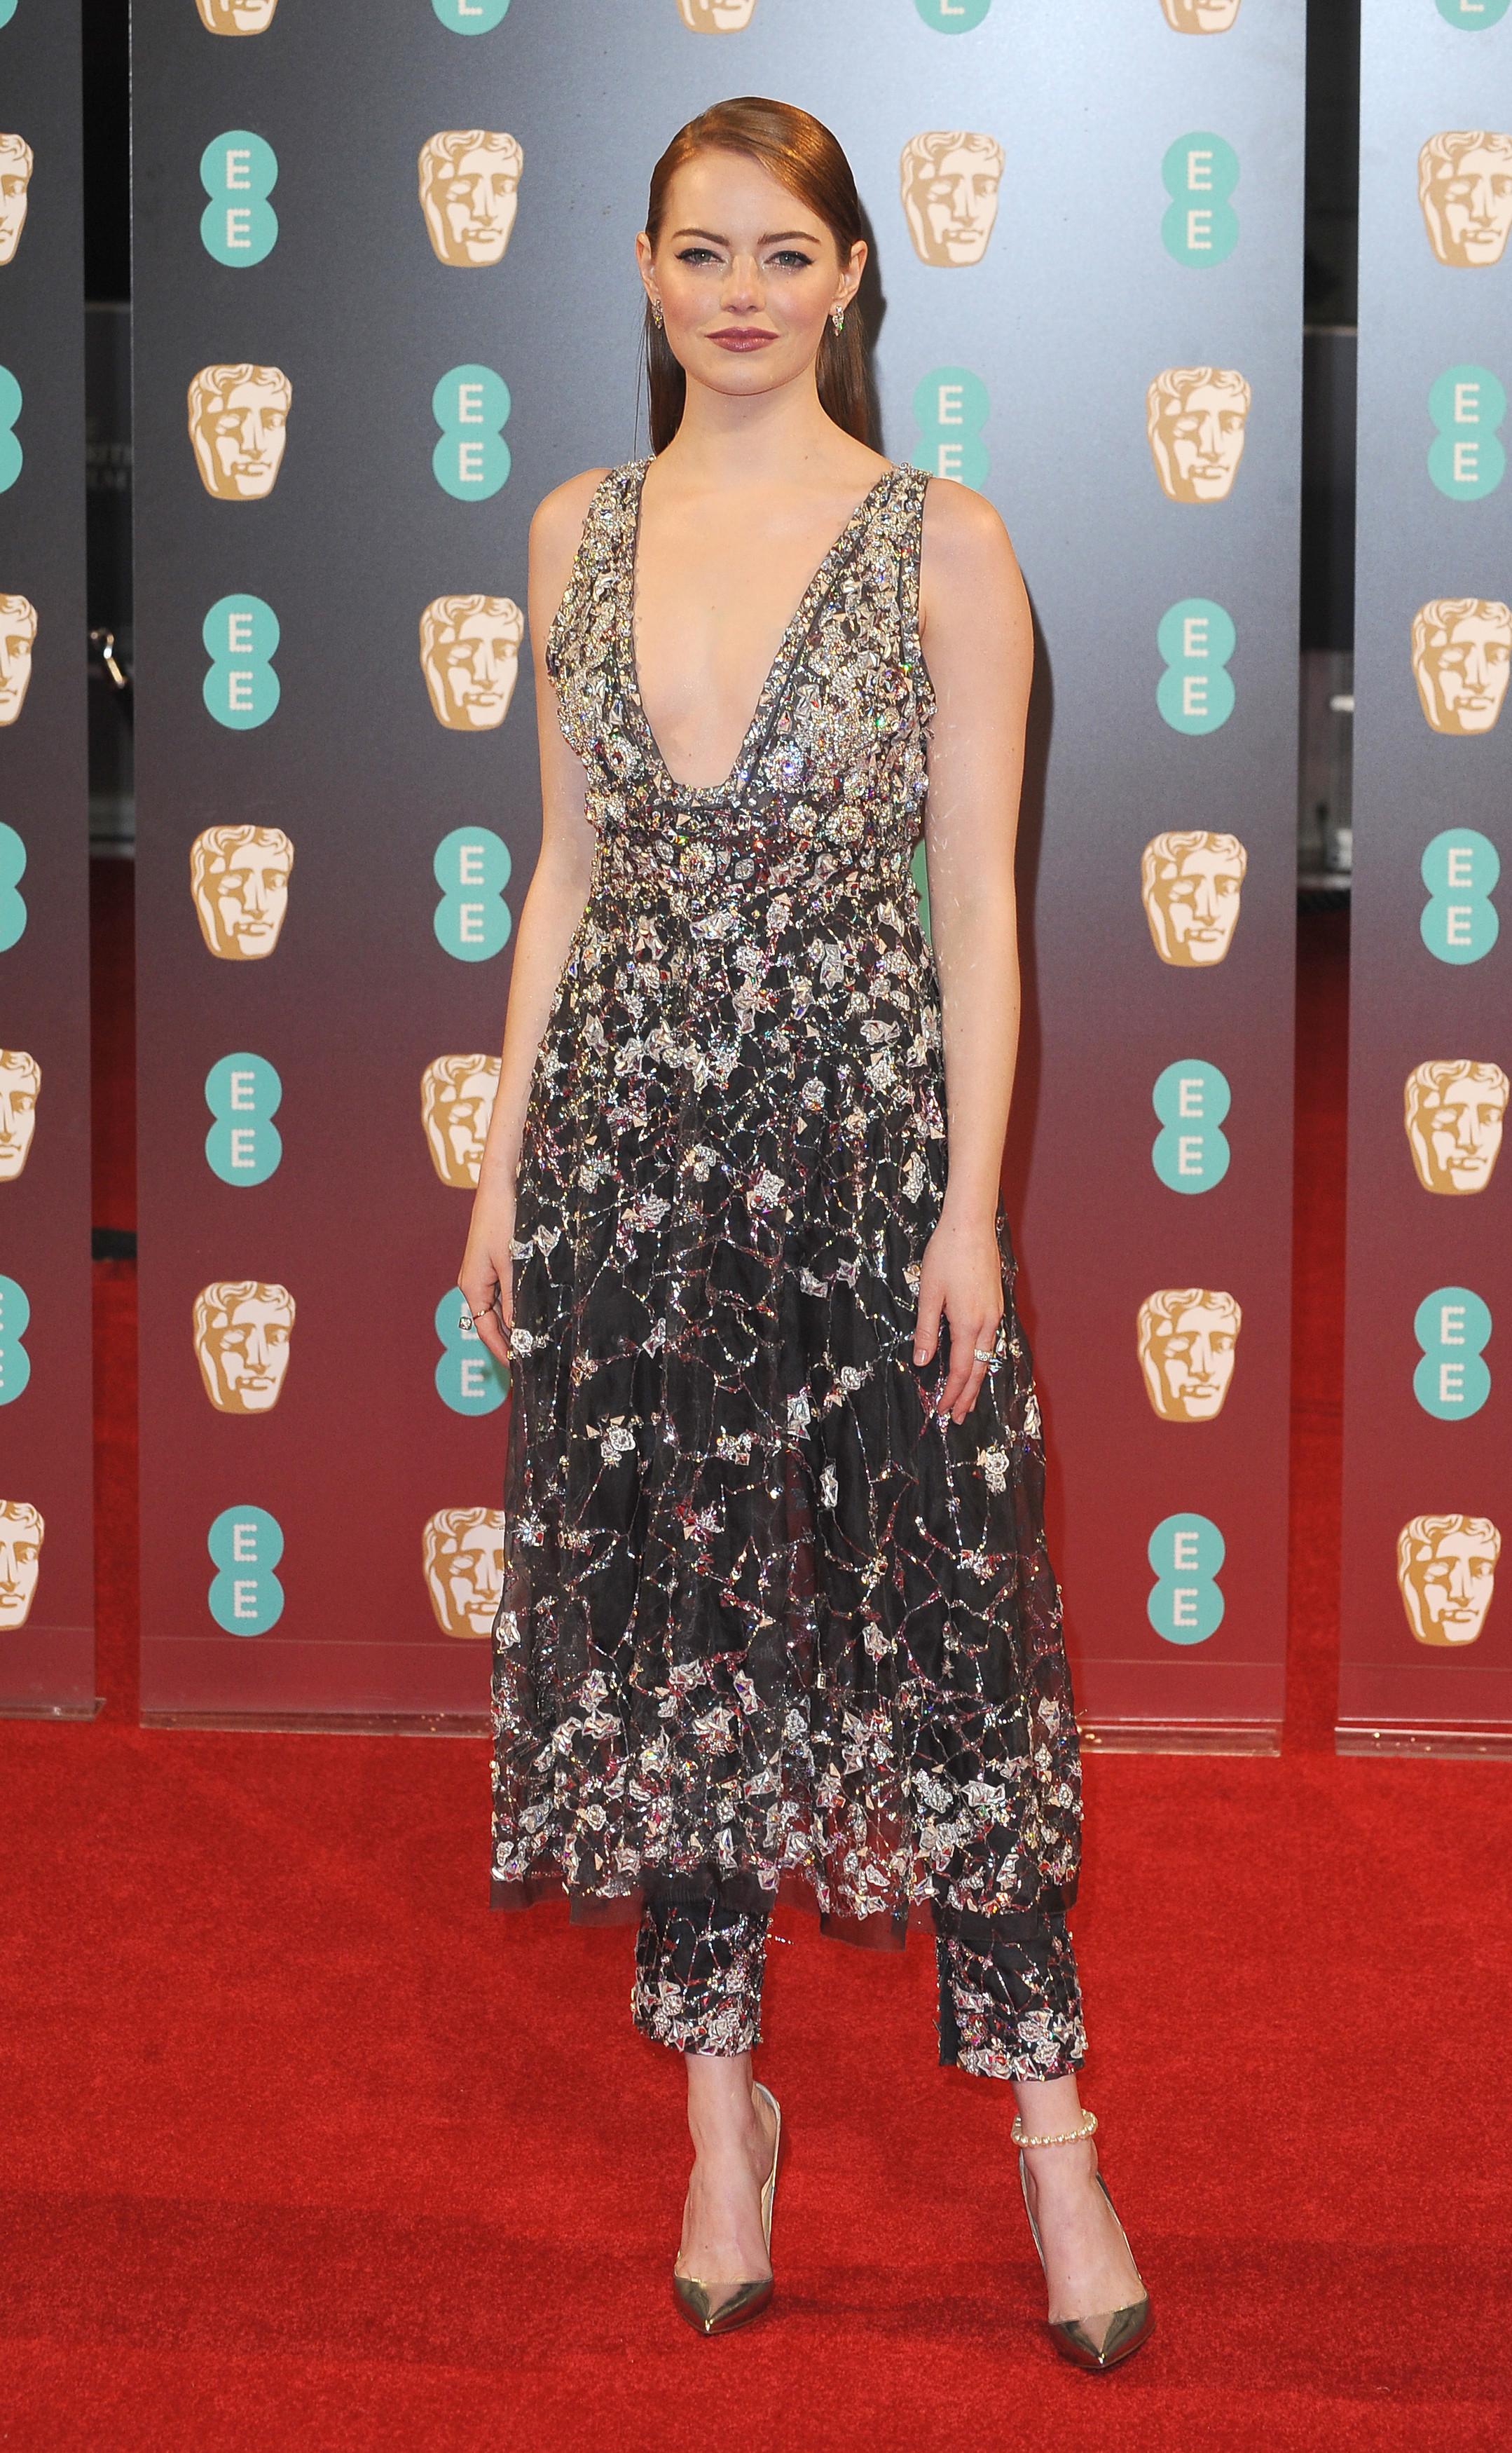 Les plus belles tenues des BAFTA 2017 - Emma Stone